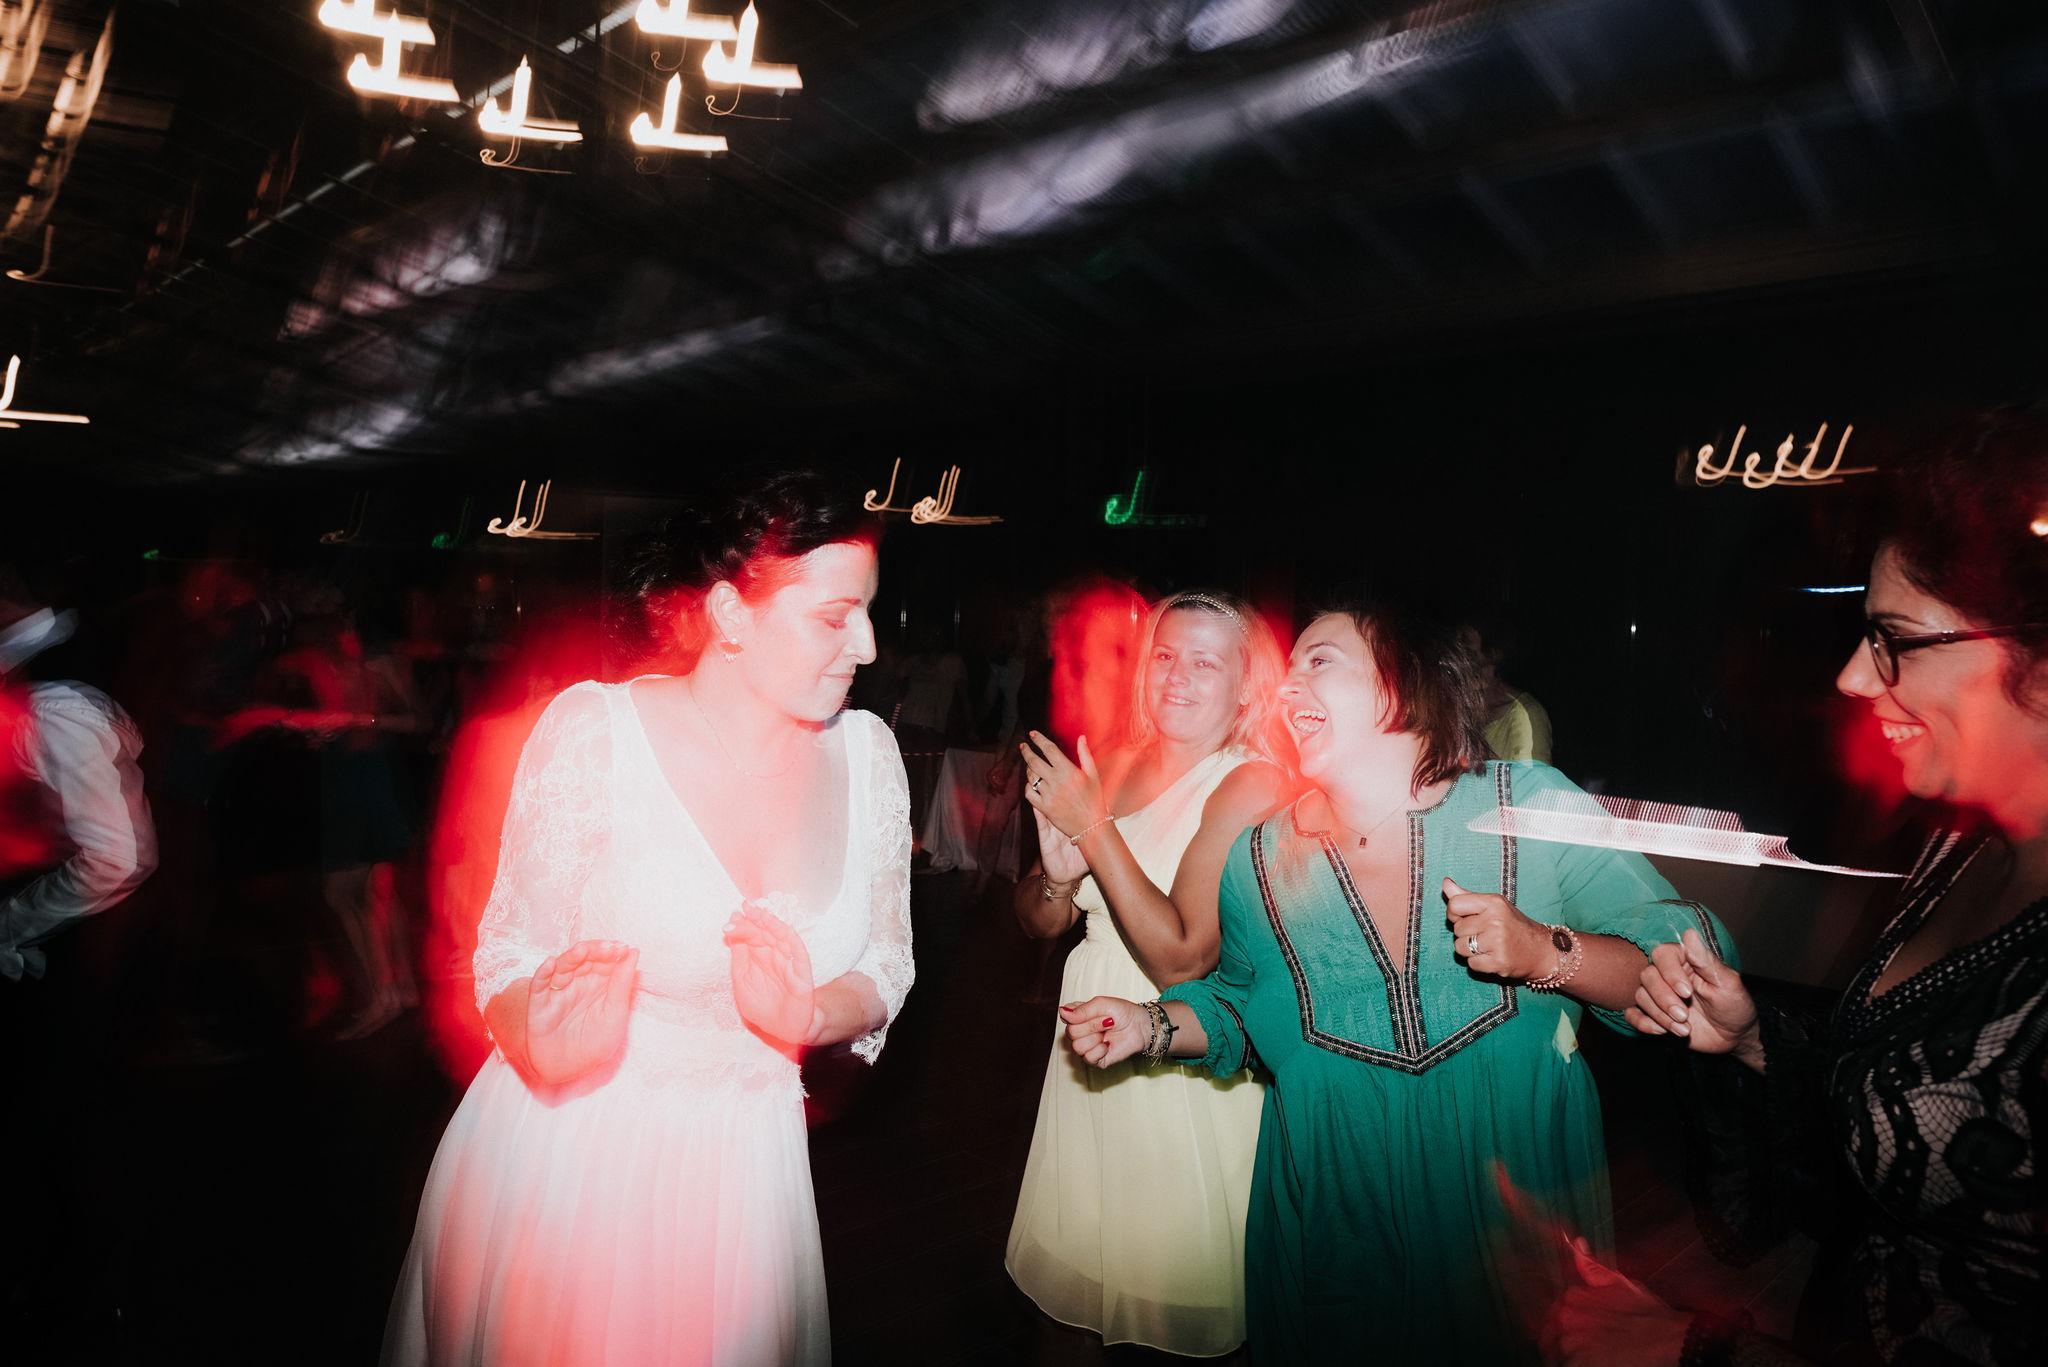 Léa-Fery-photographe-professionnel-lyon-rhone-alpes-portrait-creation-mariage-evenement-evenementiel-famille--300.jpg